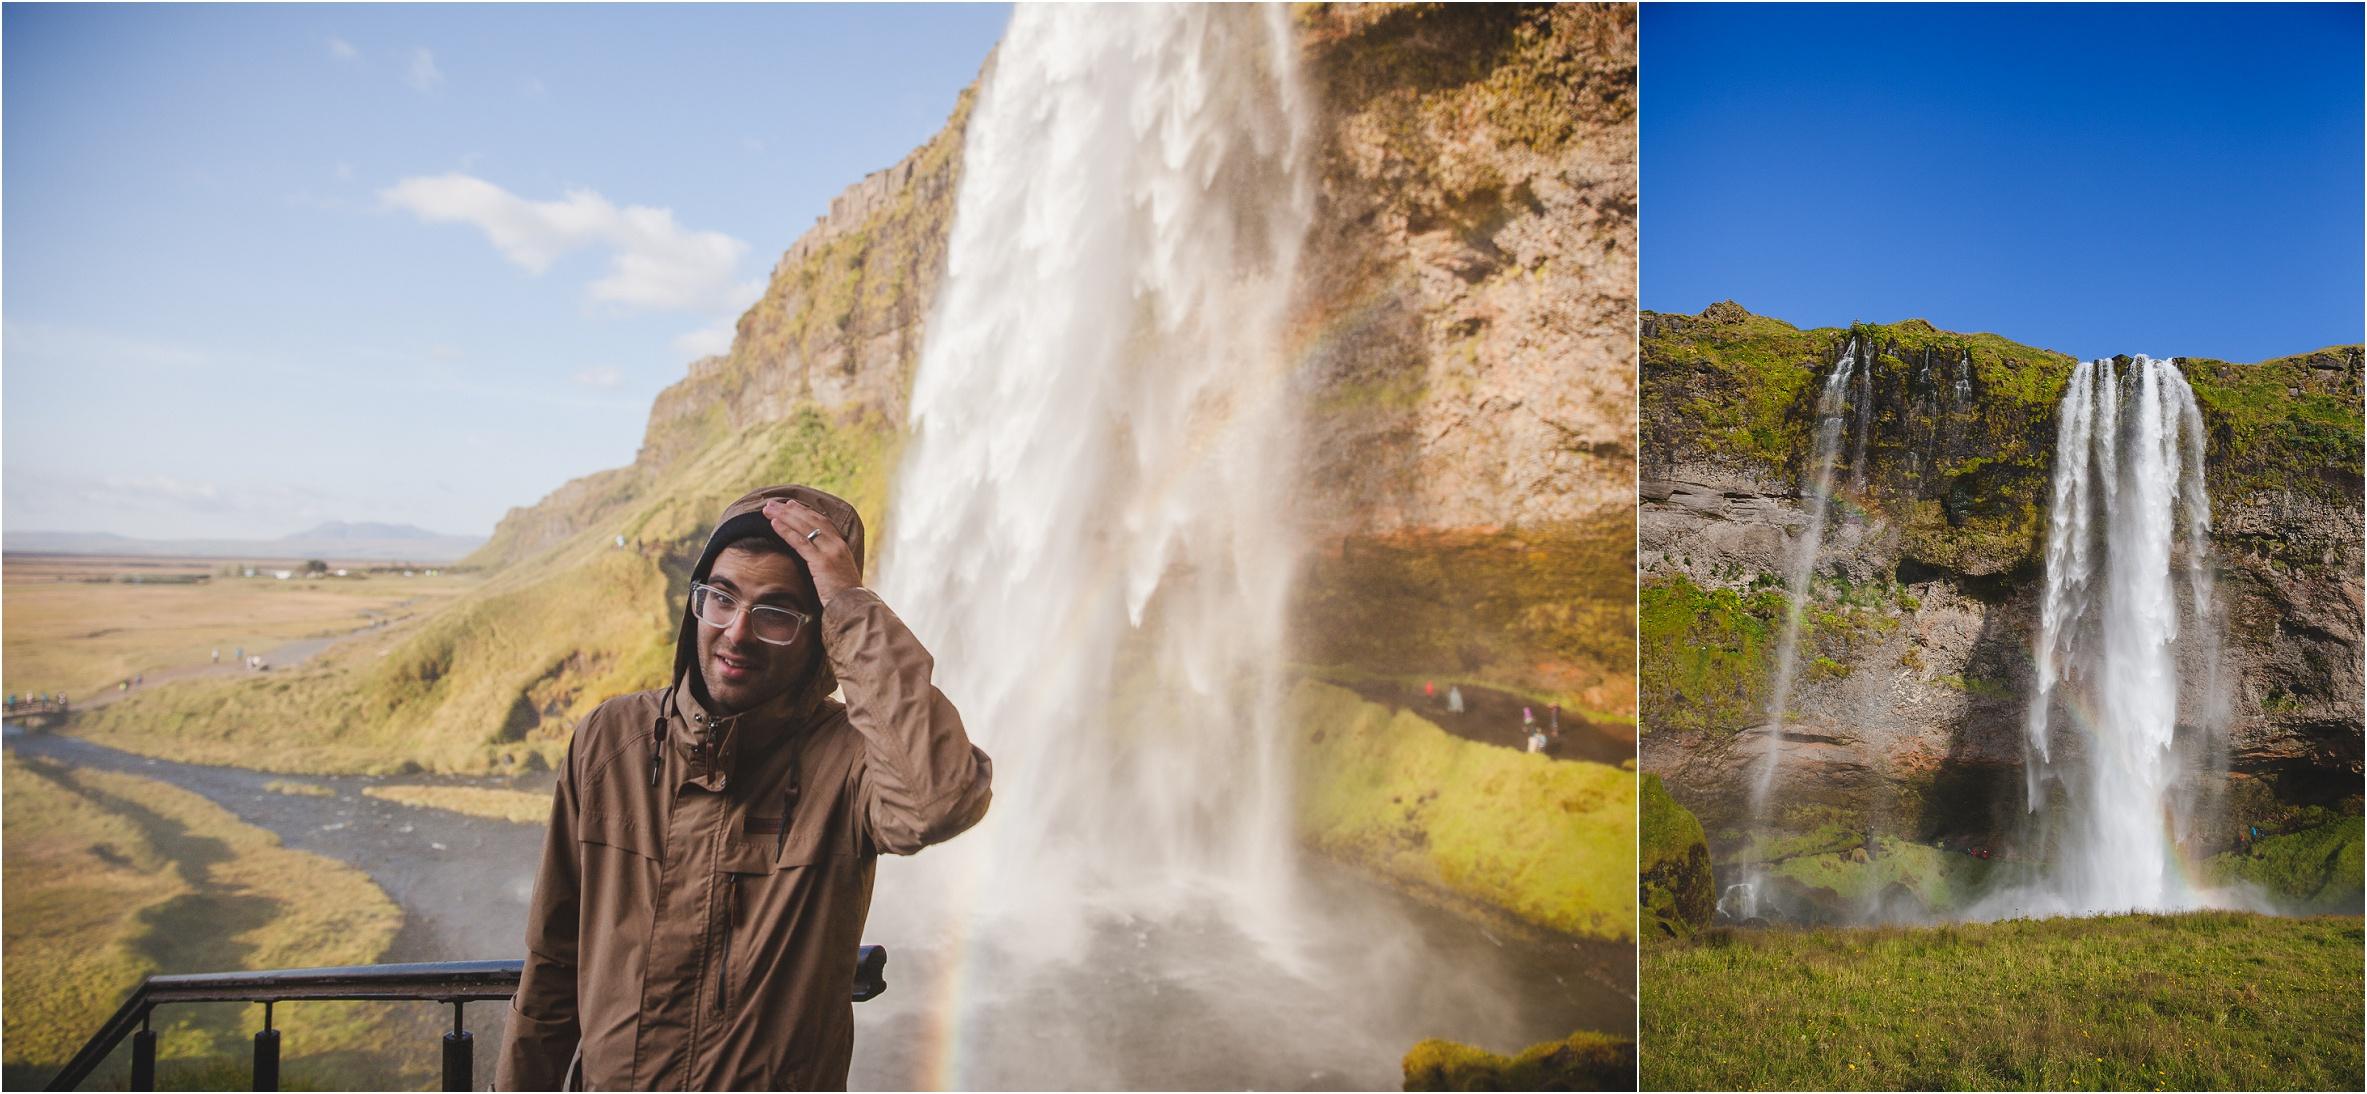 Iceland Vacation Summer, Elopement Photographer, Destination Wedding Photographer, Iceland Photographer, Iceland Elopement Photographer, Destination Wedding Photographer, Travel Wedding Photographer, Travelling Elopement Photographer, Danielle Salerno Photography, Seljalandsfoss